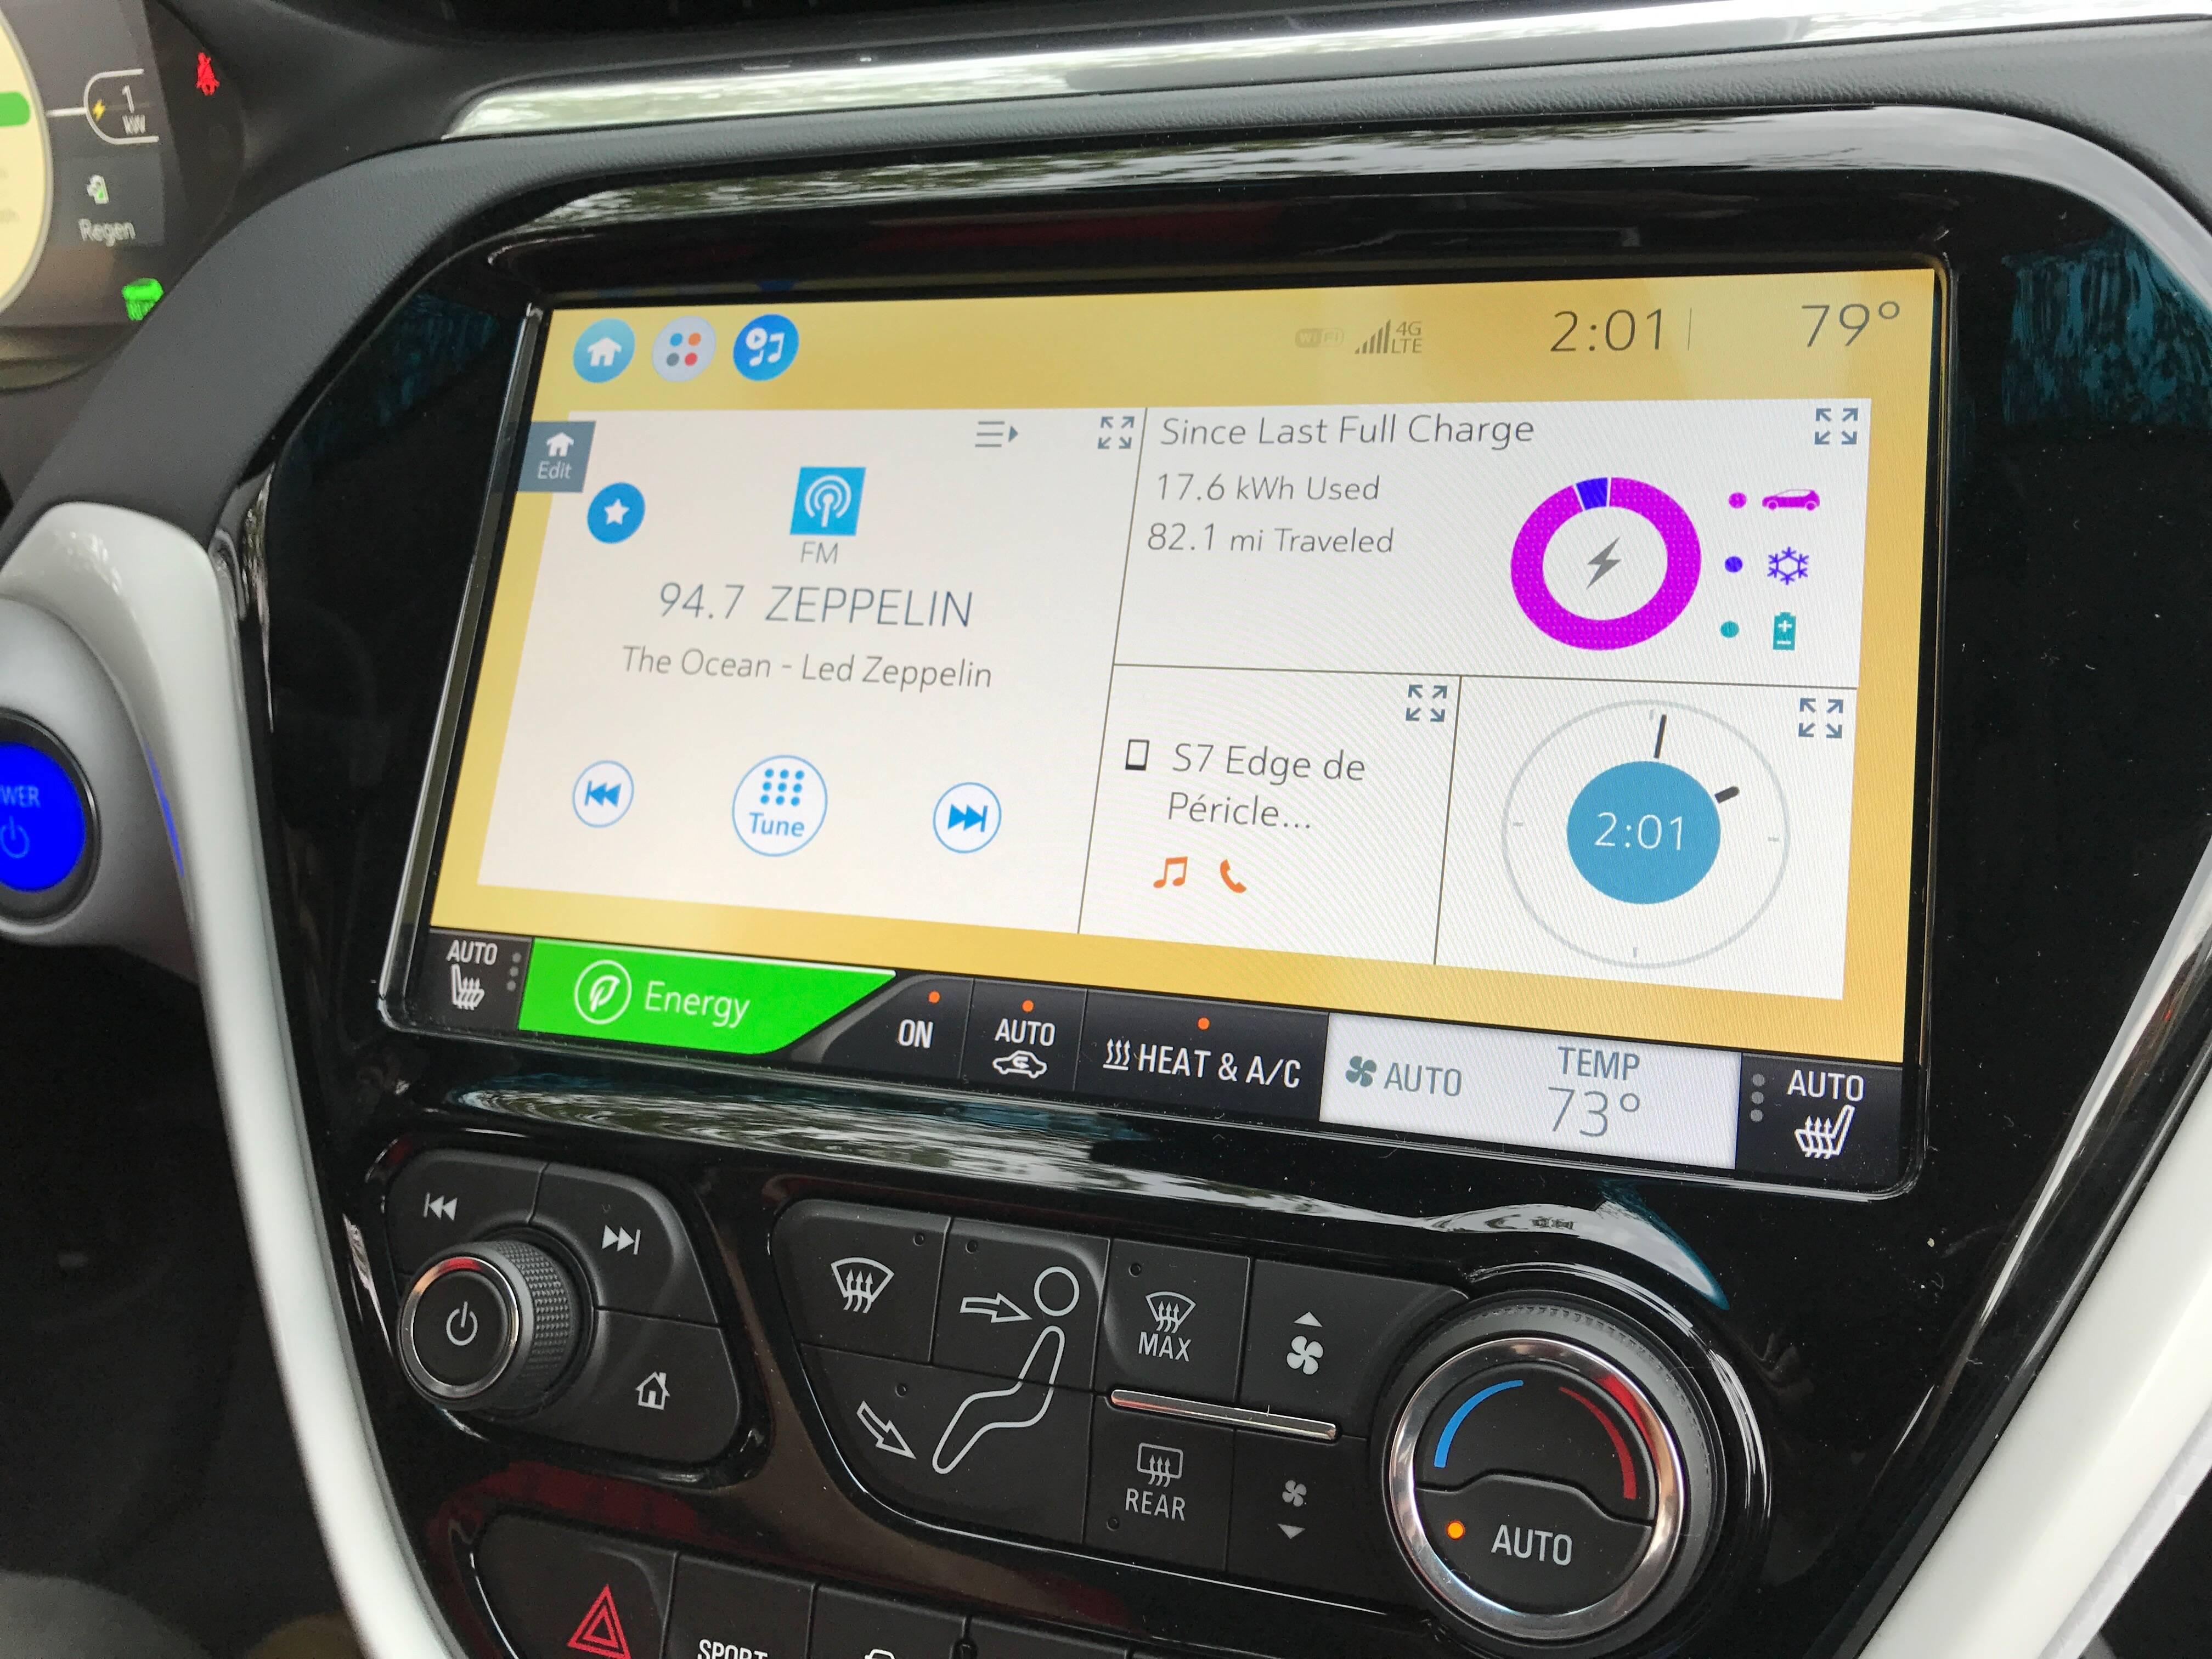 Tela multimídia de 10 polegadas pode ser customizada, exibindo dezenas de informações. Compatível com Apple Carplay e Androidauto. Foto: Divulgação